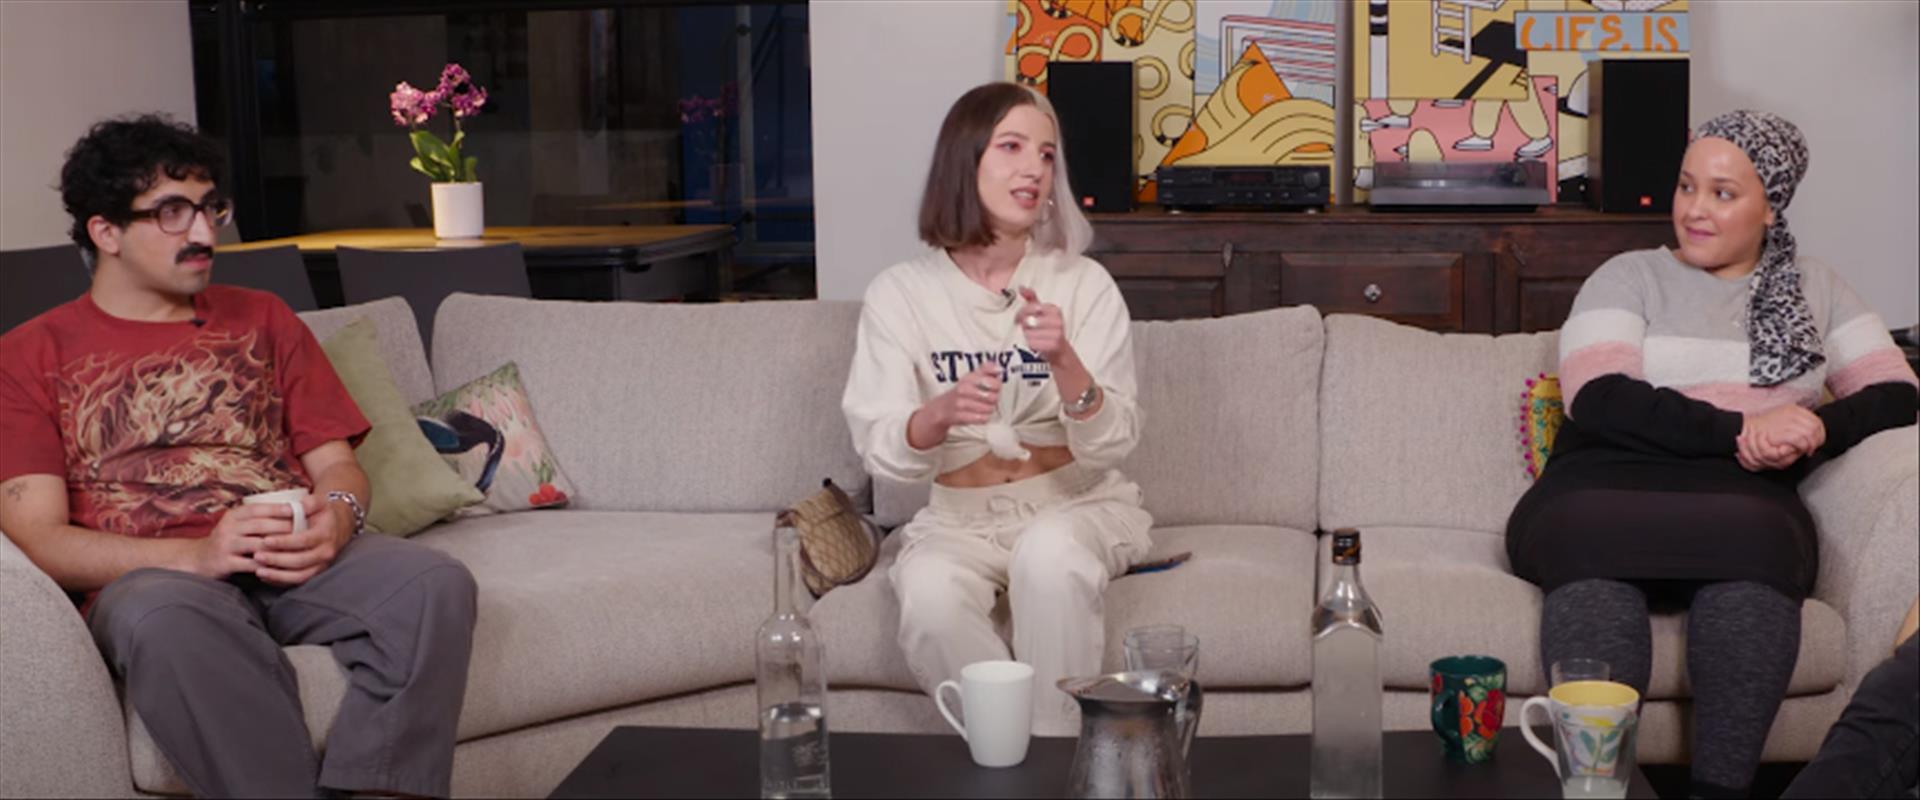 דוקותיים בסלון עם איתי אשר - עם הולי מריה, טובה ספ